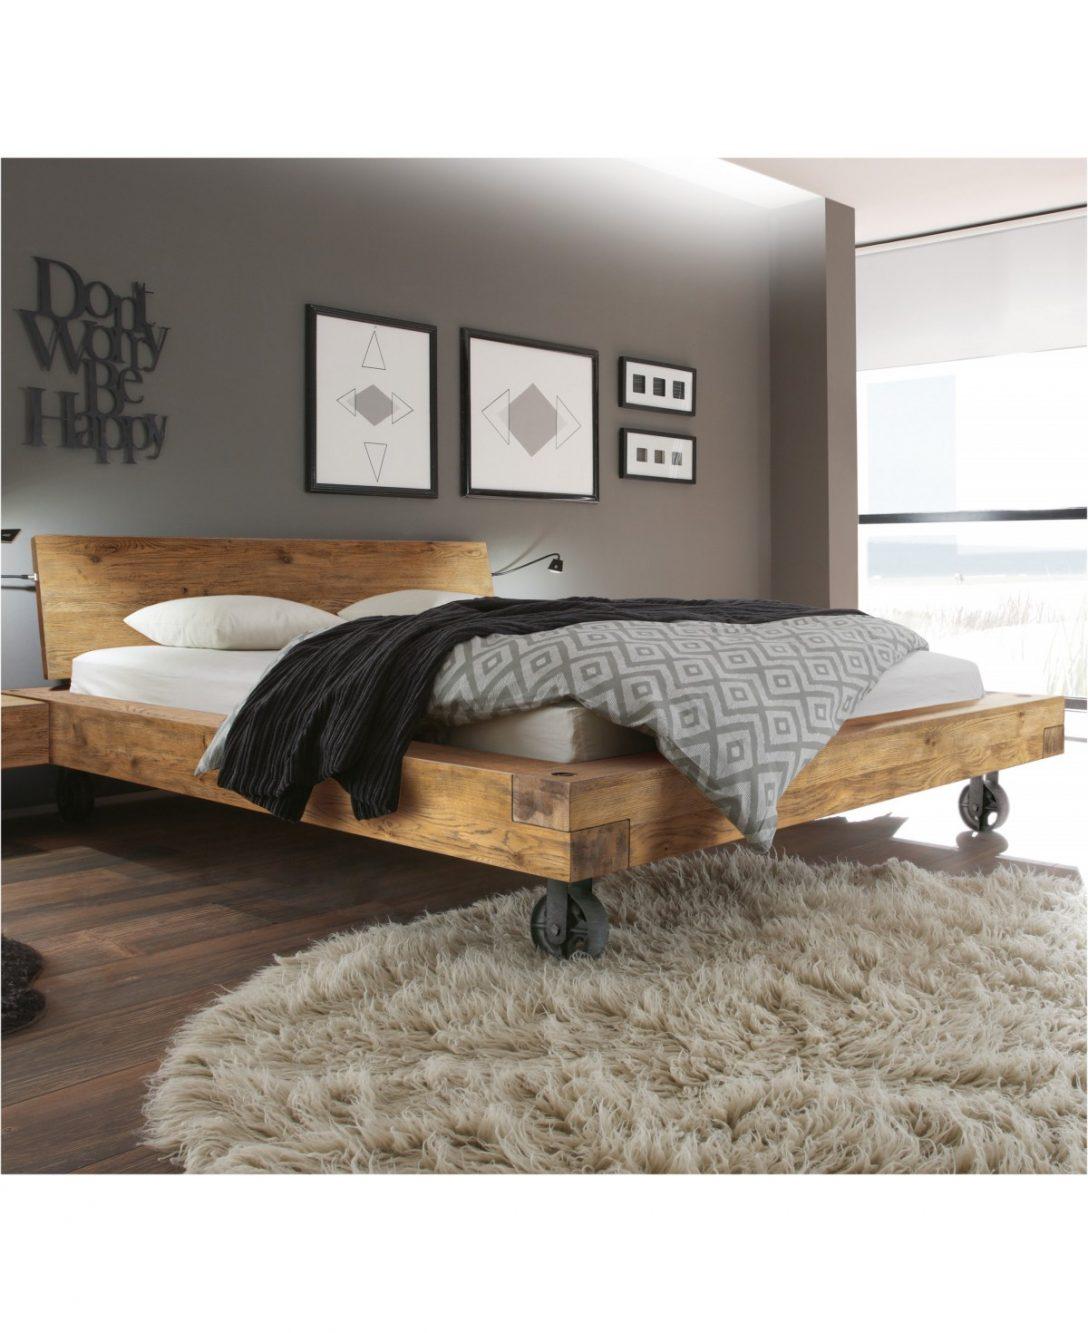 Large Size of Bett Vintage Hasena Oak Balkenbett Kopfteil Sion Fe Road 180x200 Betten überlänge Weiß Mit Schubladen 140x200 Stauraum 90x200 Weißes Für Teenager Massiv Bett Bett Vintage